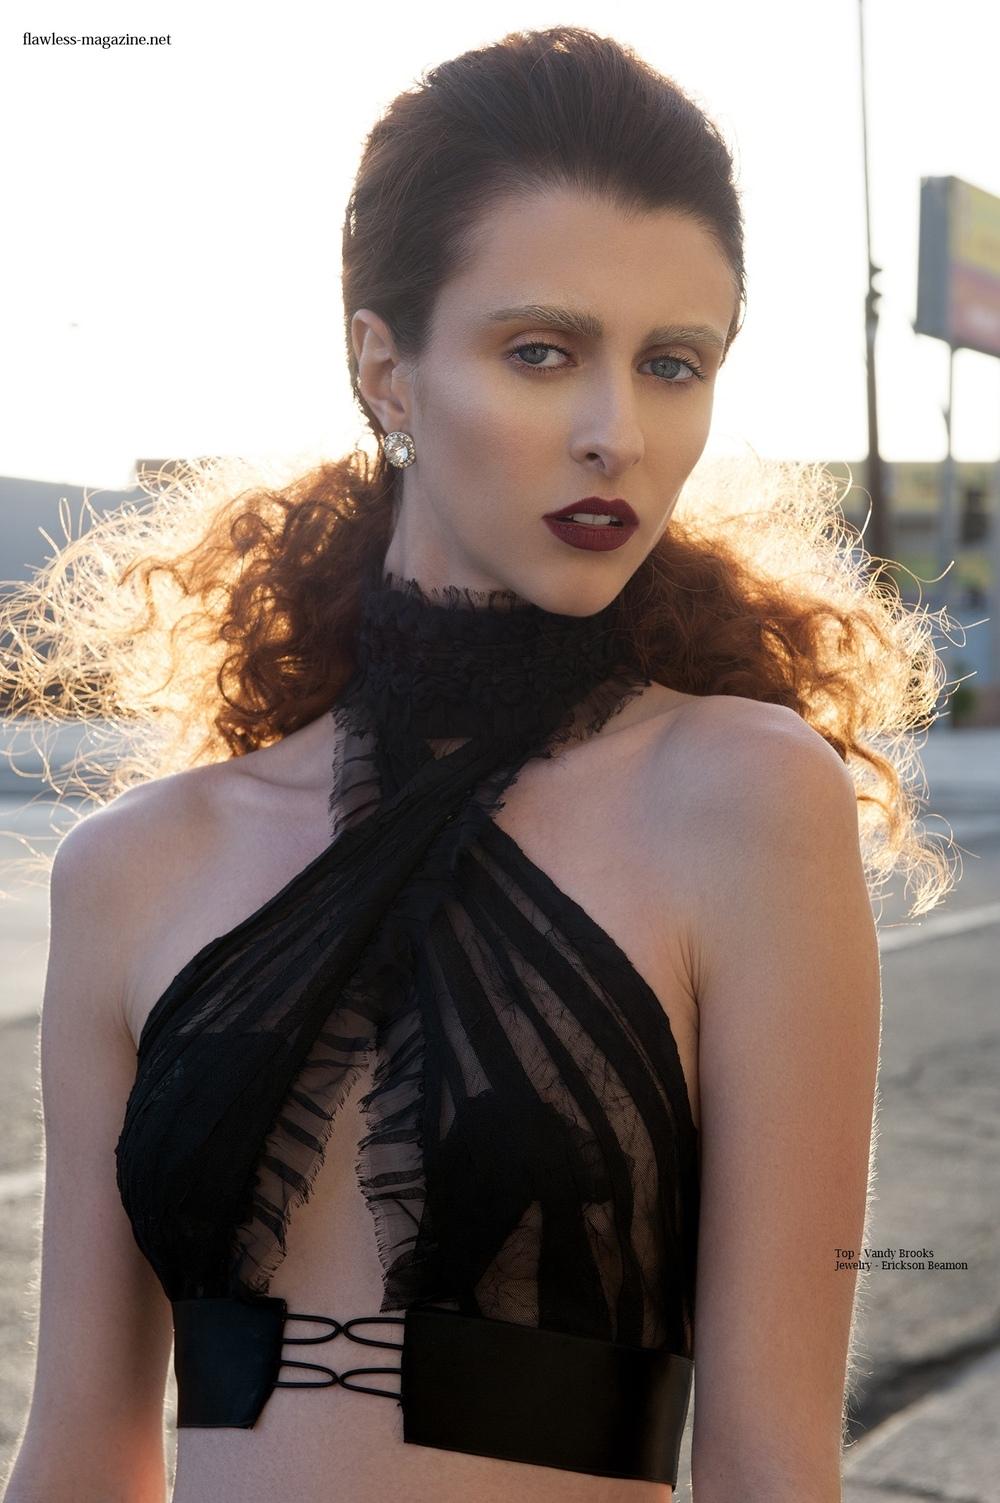 Rachel Jeraffi-flawless-magazine-6.jpg